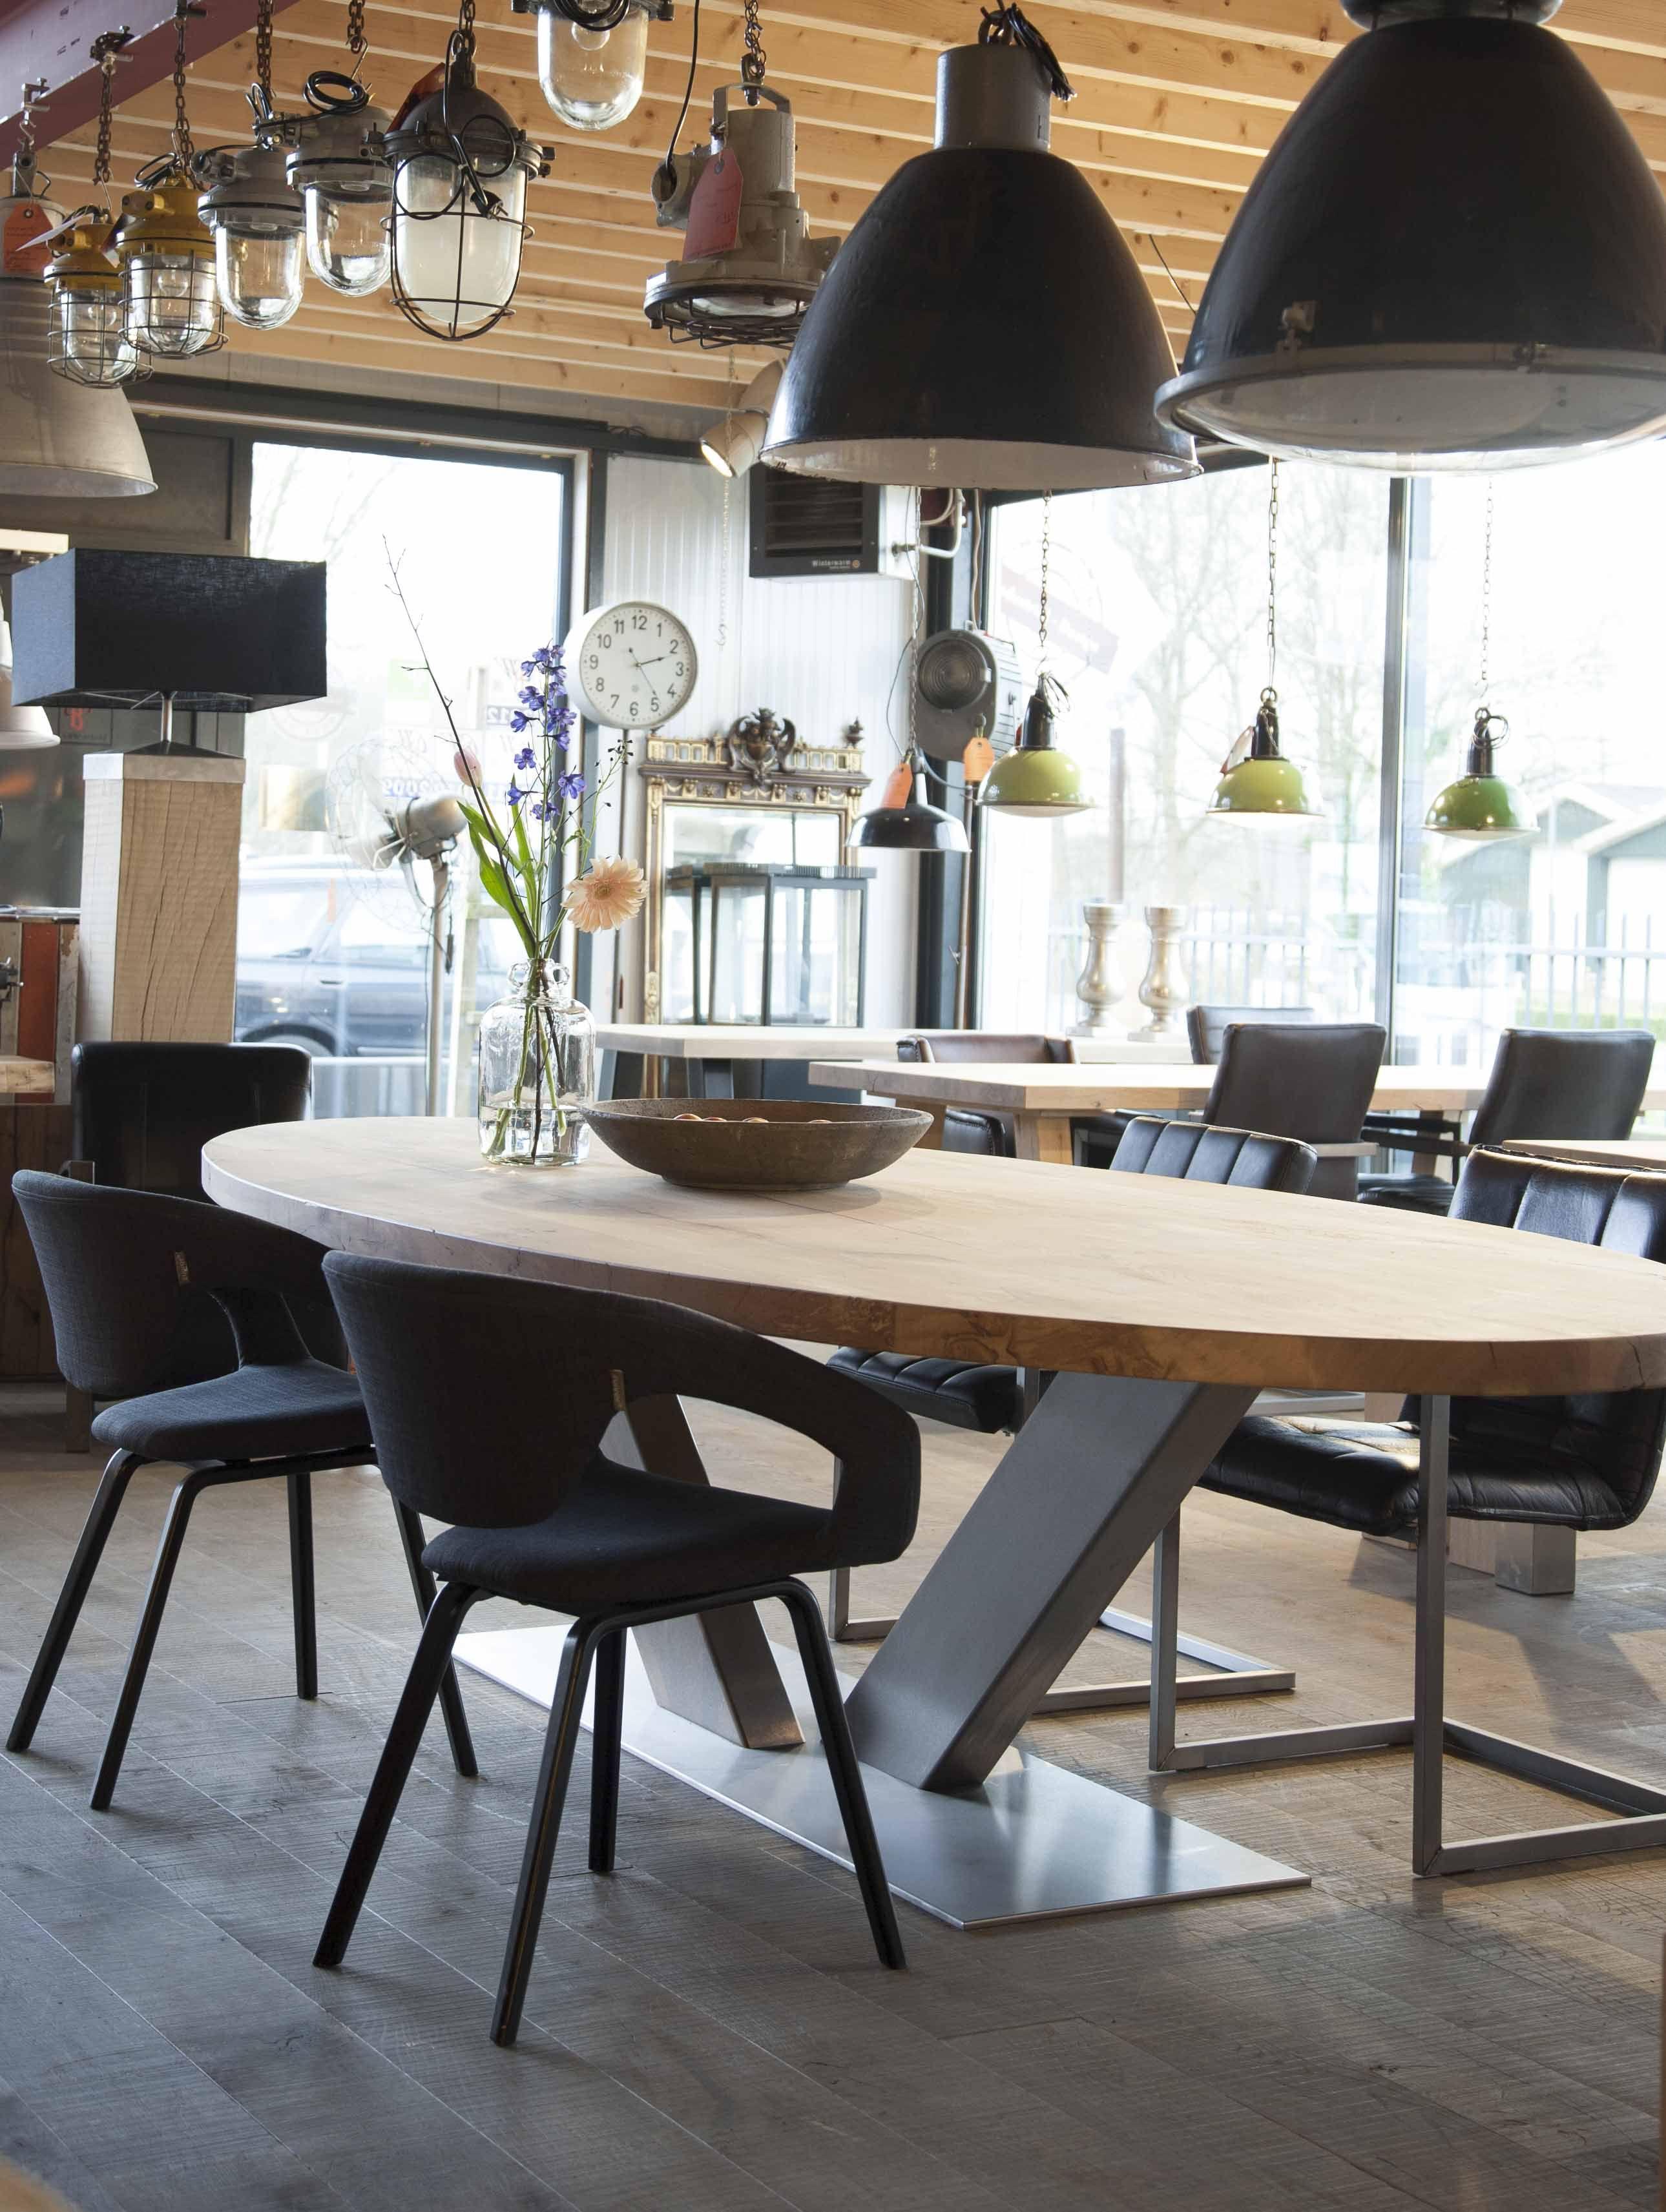 eettafel ovaal 3 meter lang - Google zoeken | Dining room ...